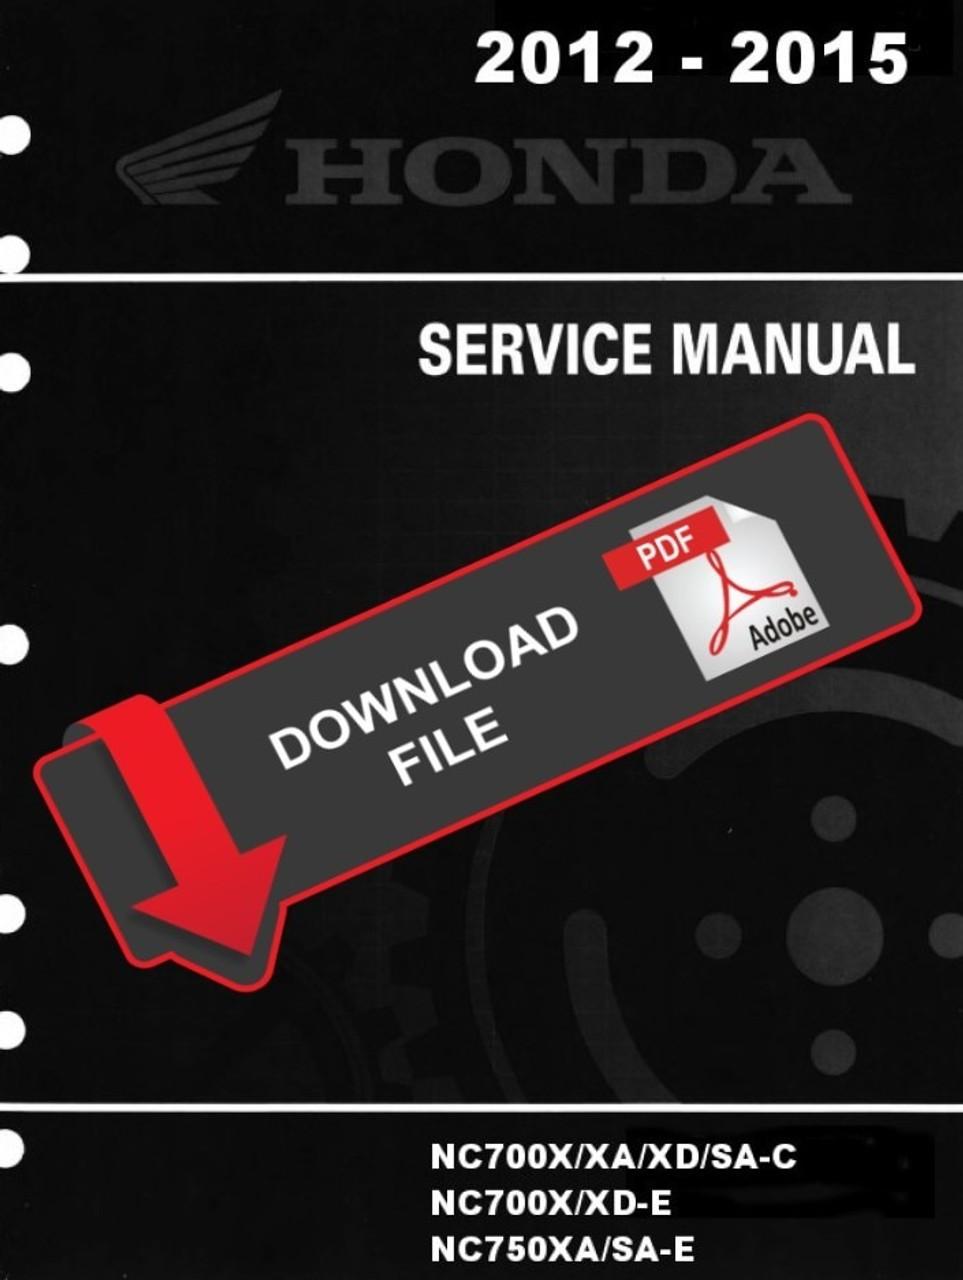 Honda 2014 Nc750x Motorcycles Service Manual